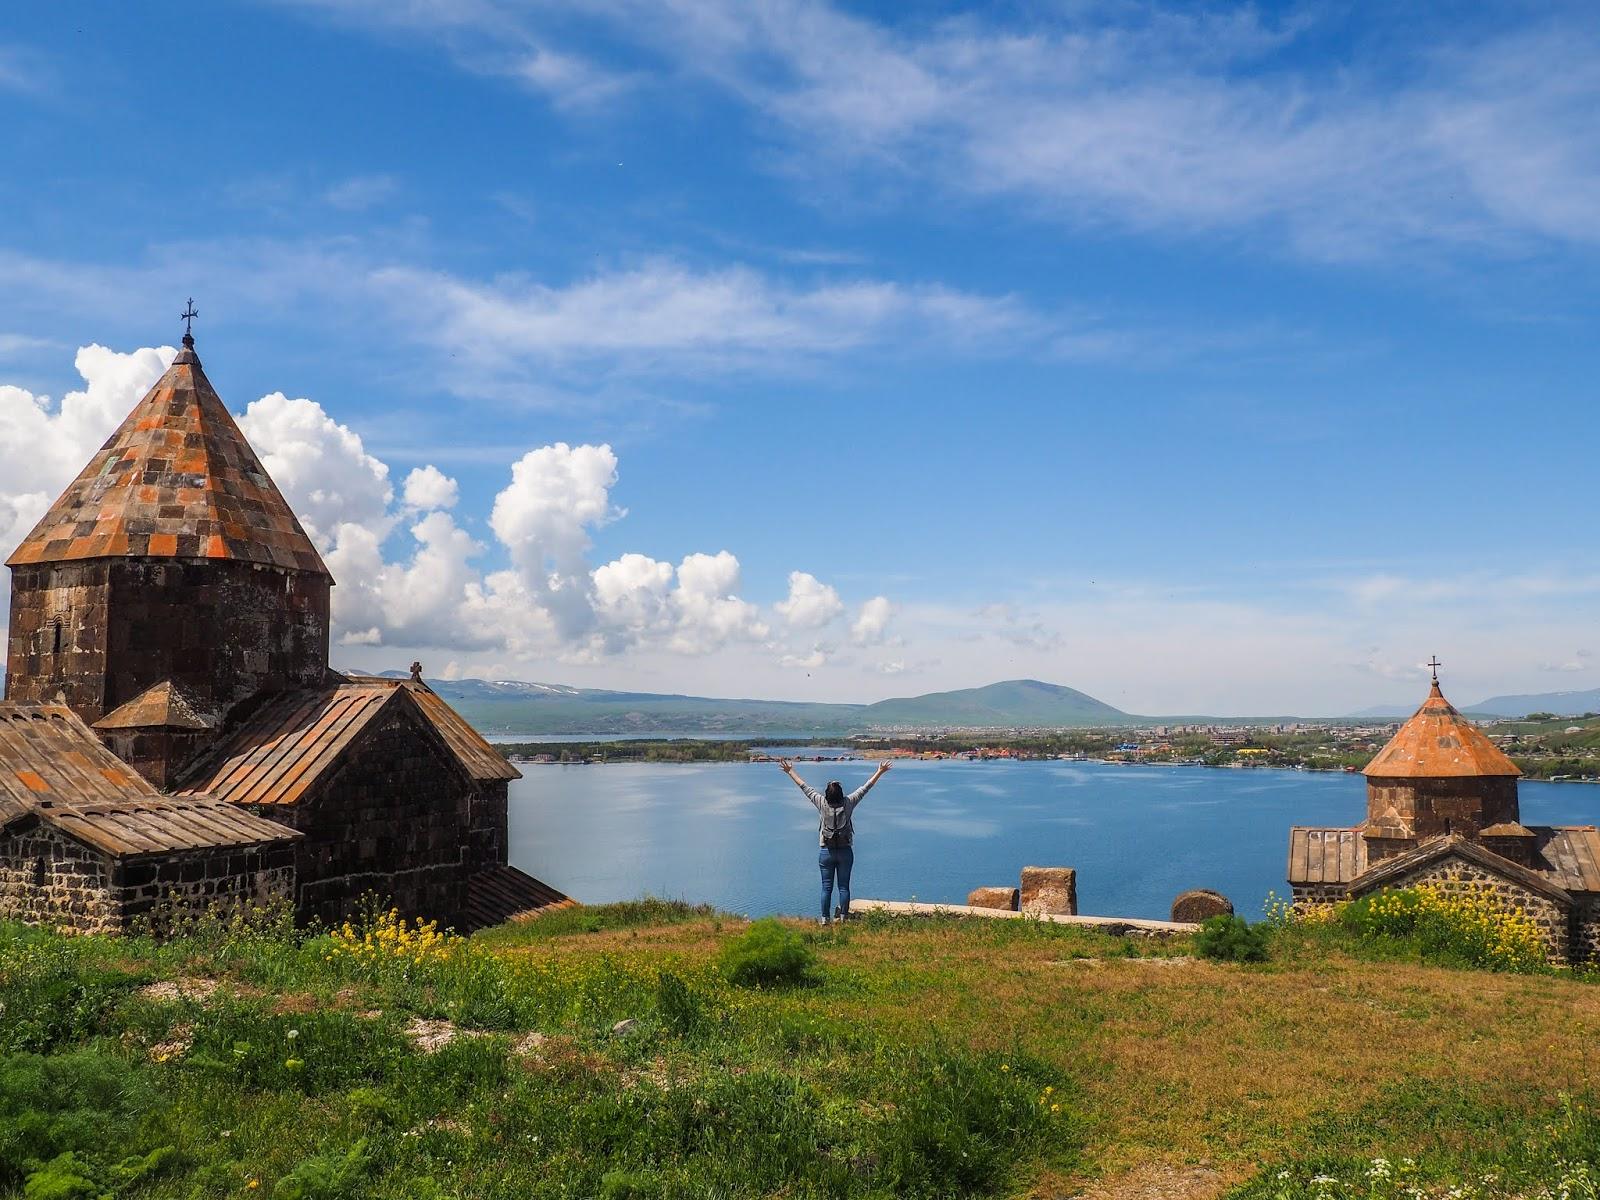 arménien passion datant